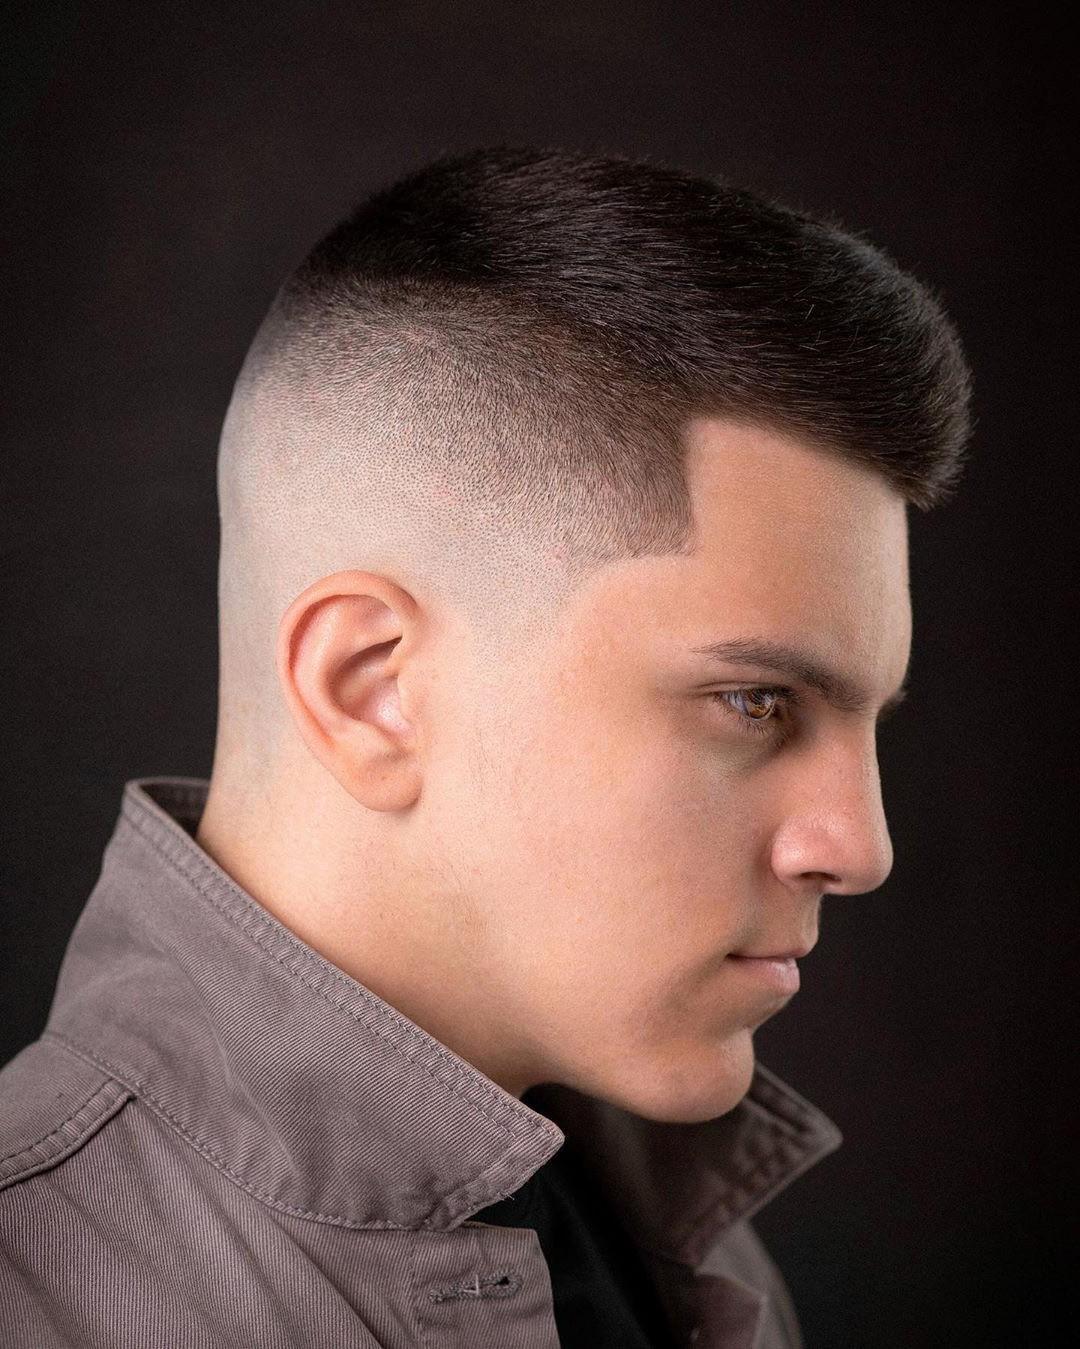 Mid Fade + Short Hair